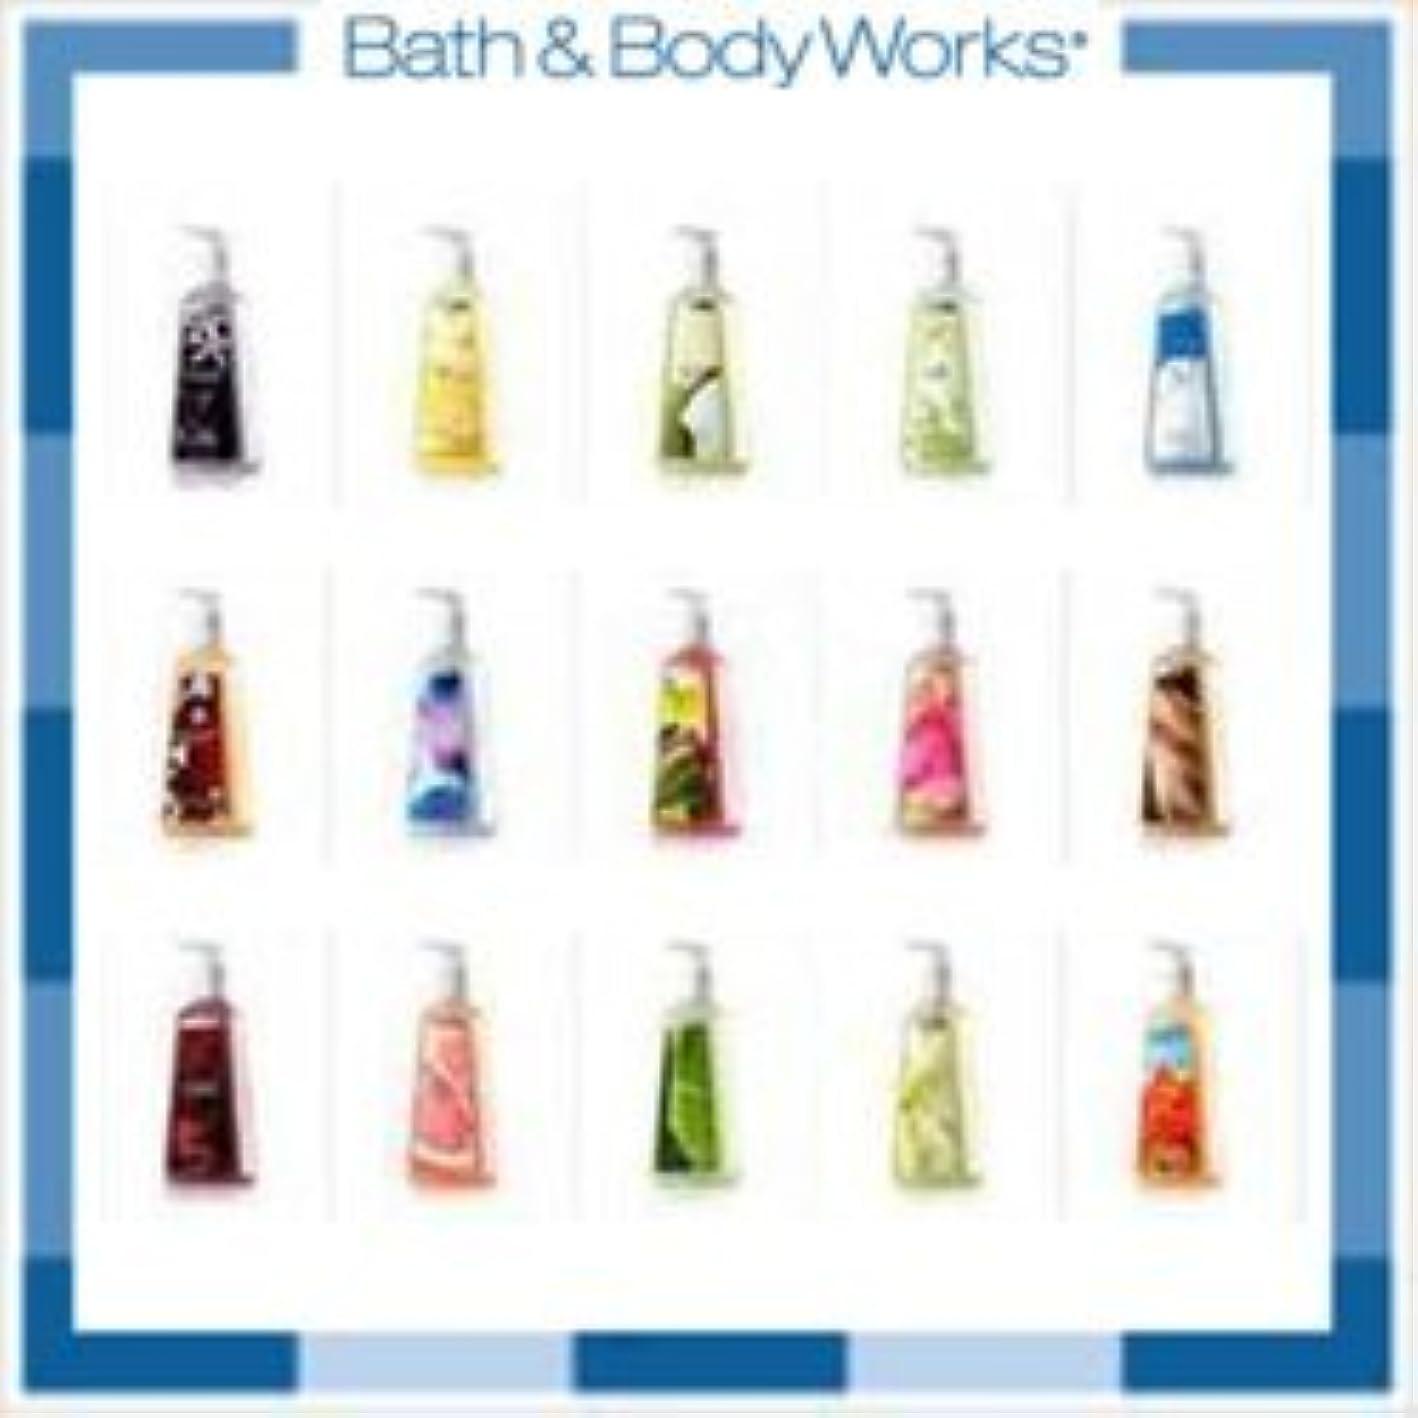 乏しいペット追記Bath and Body Works ハンドソープ ディープクレンジング 12本詰め合わせセット[海外直送品]